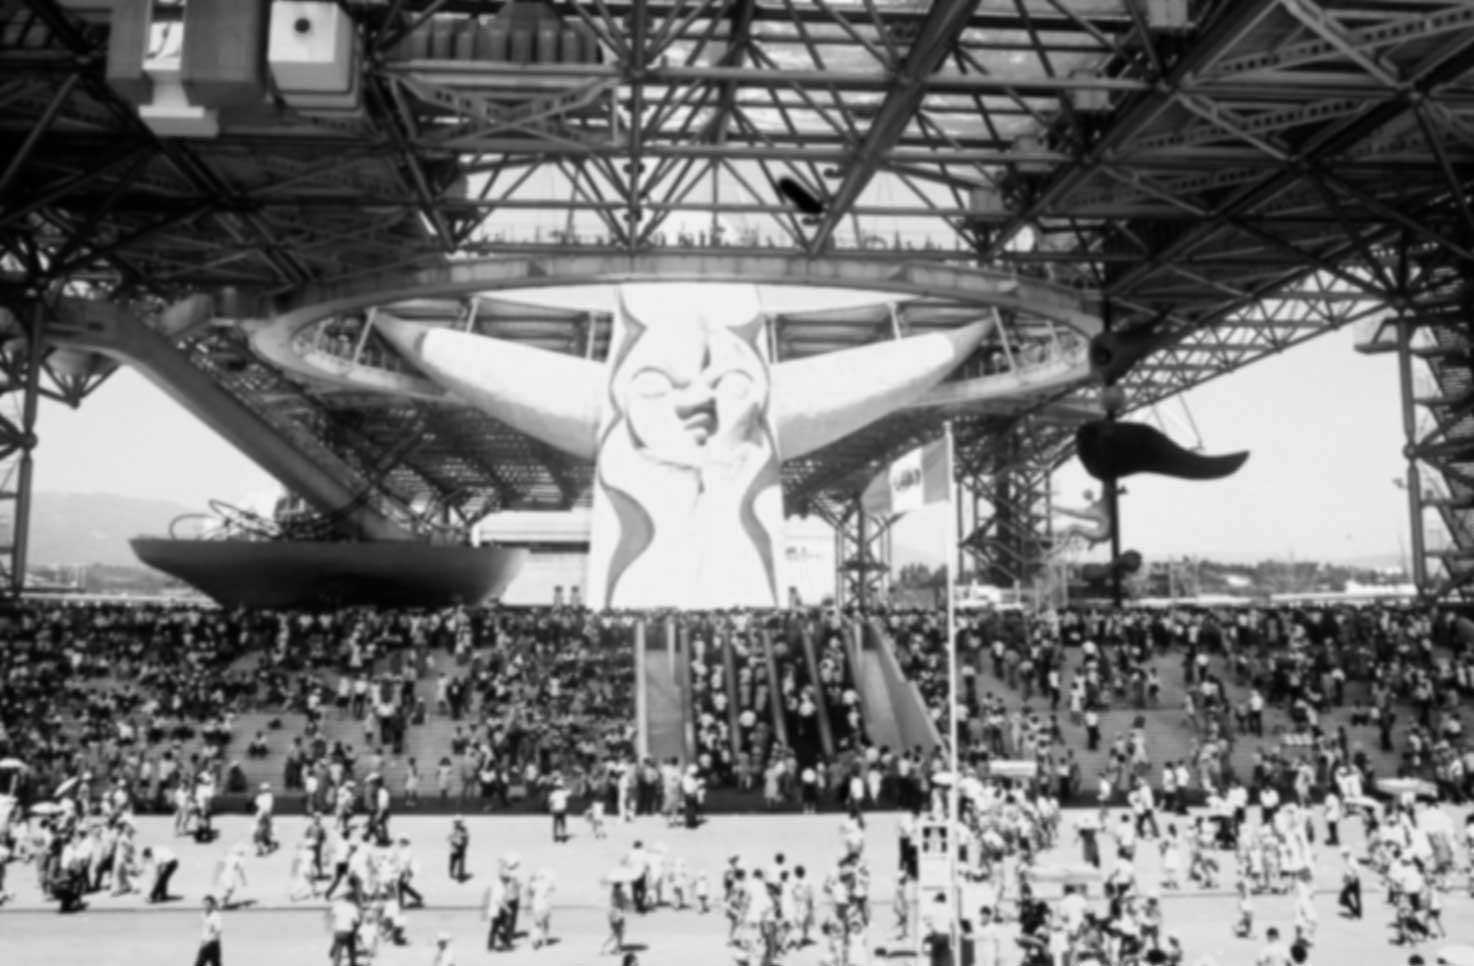 1970年、大阪万博のお祭り広場の大屋根と、それを突き破る太陽の塔